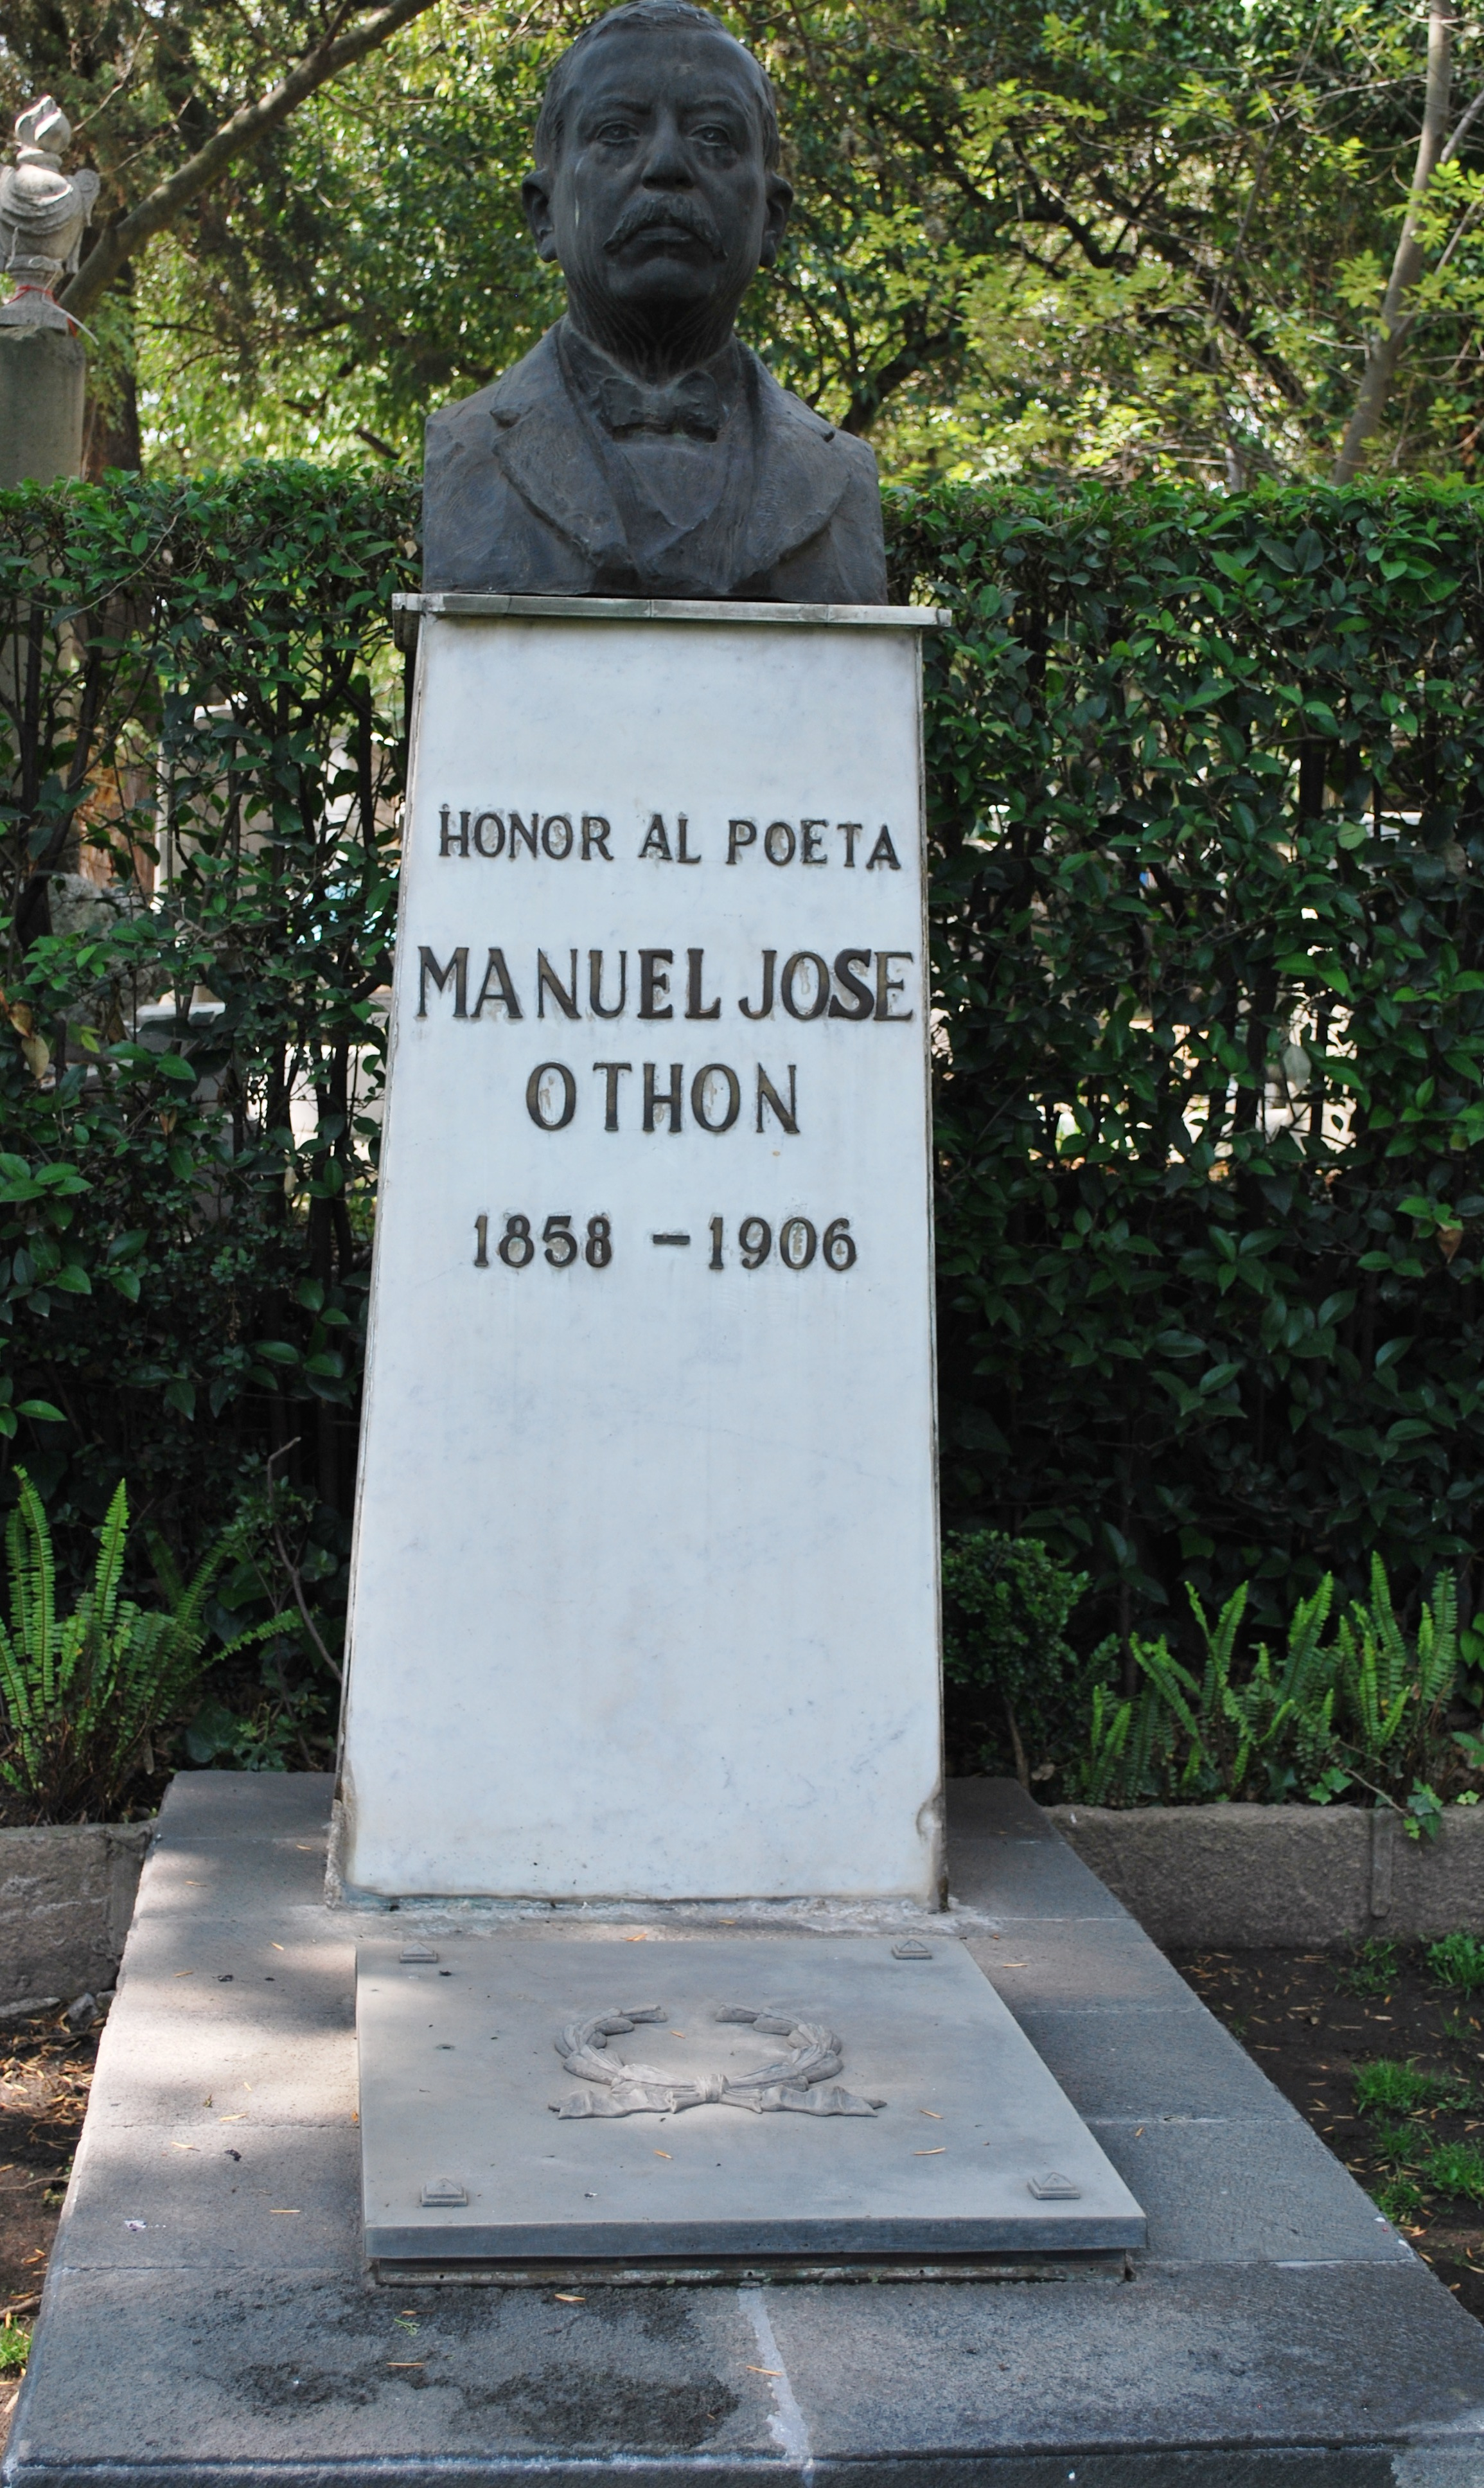 Sepulcro de Manuel José Othón en la Rotonda de las Personas Ilustres.